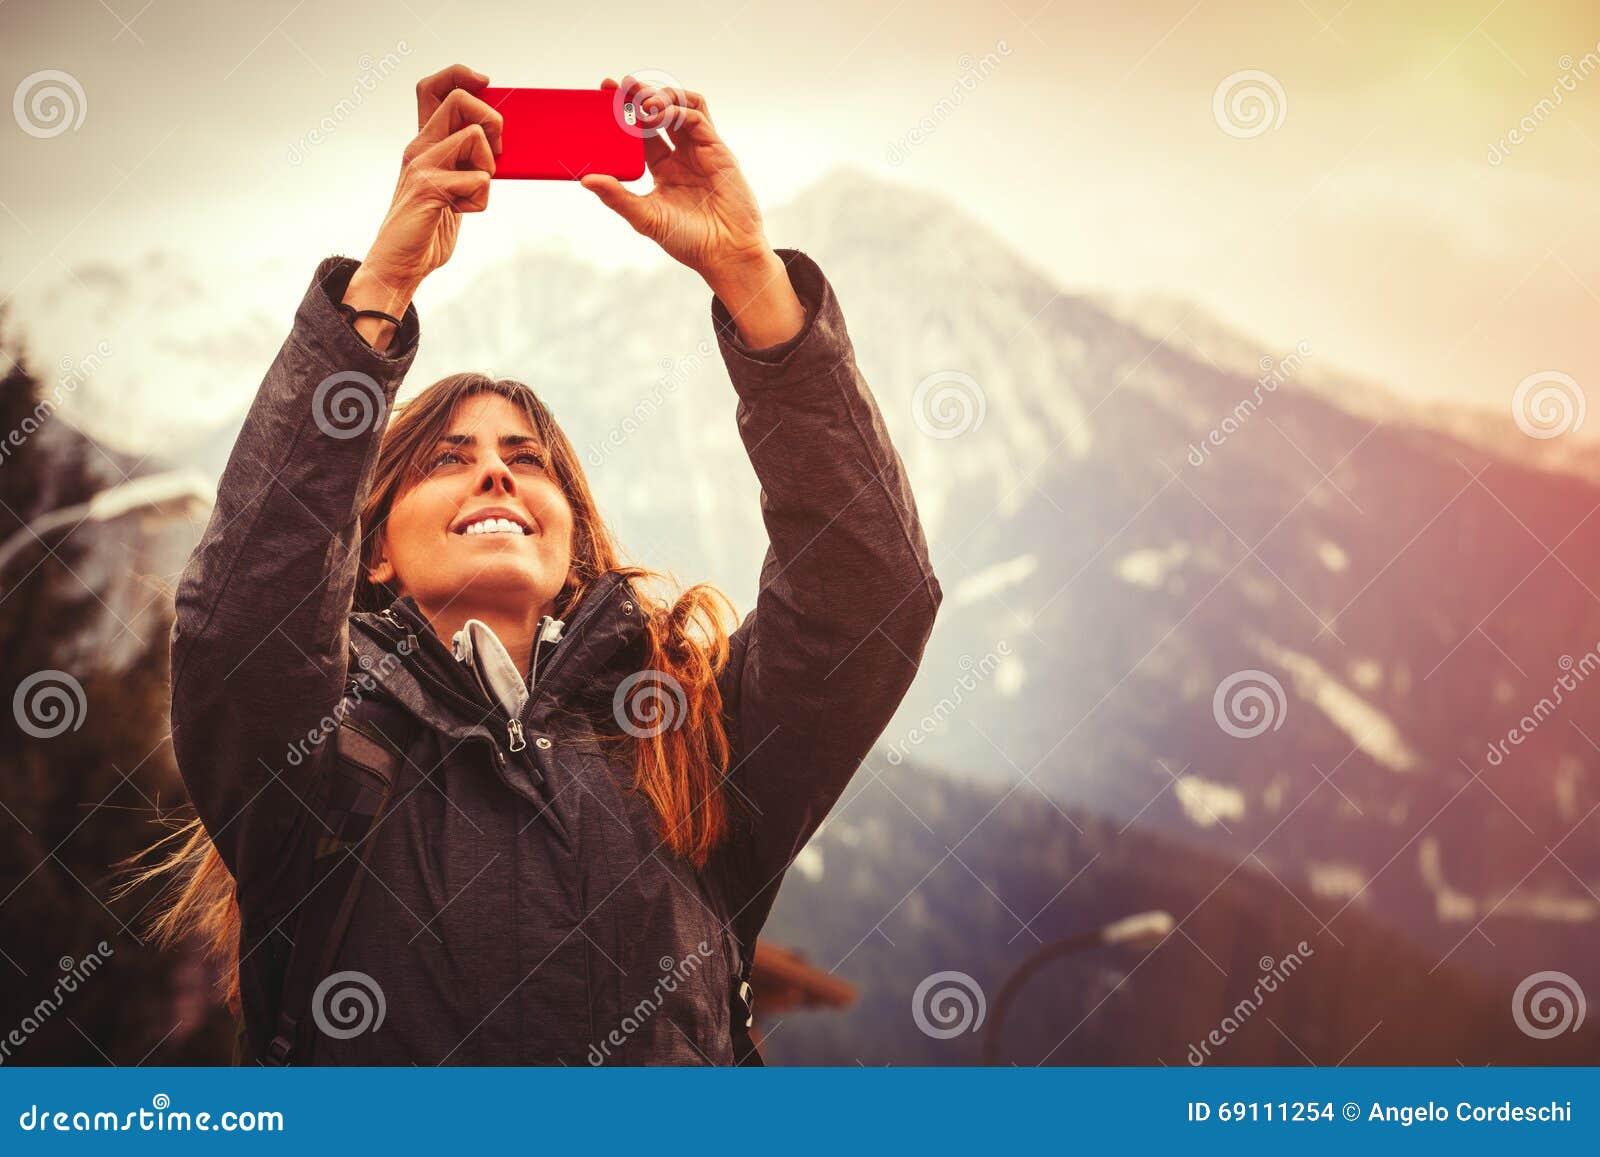 Διακοπές βουνών Ευτυχής γυναίκα που παίρνει μια εικόνα με ένα τηλέφωνο κυττάρων